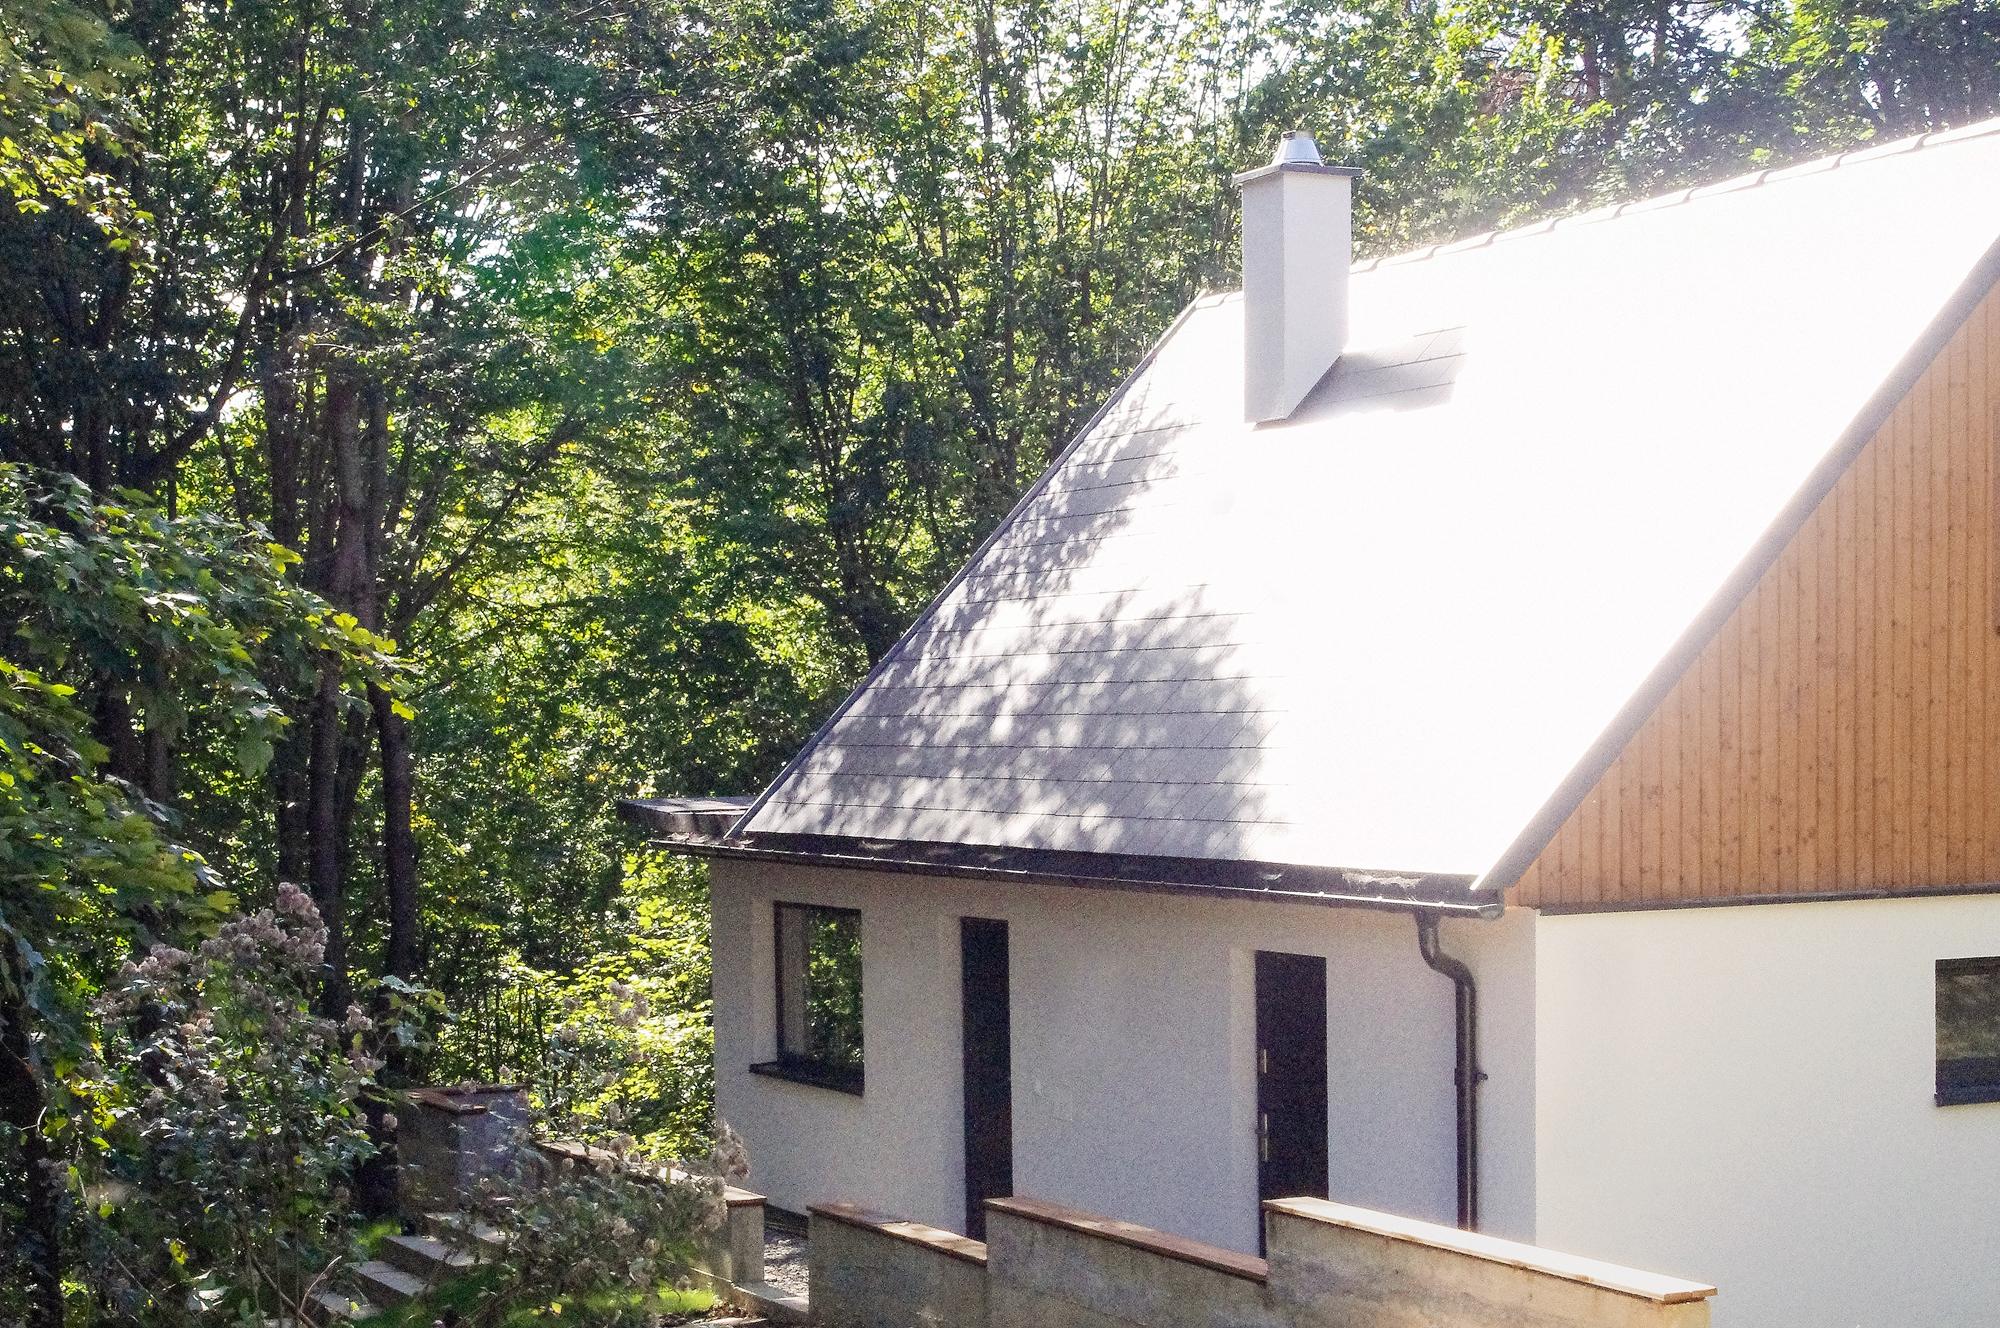 Najlepsze domy w Polsce: Bieszczady house – dom w Bieszczadach